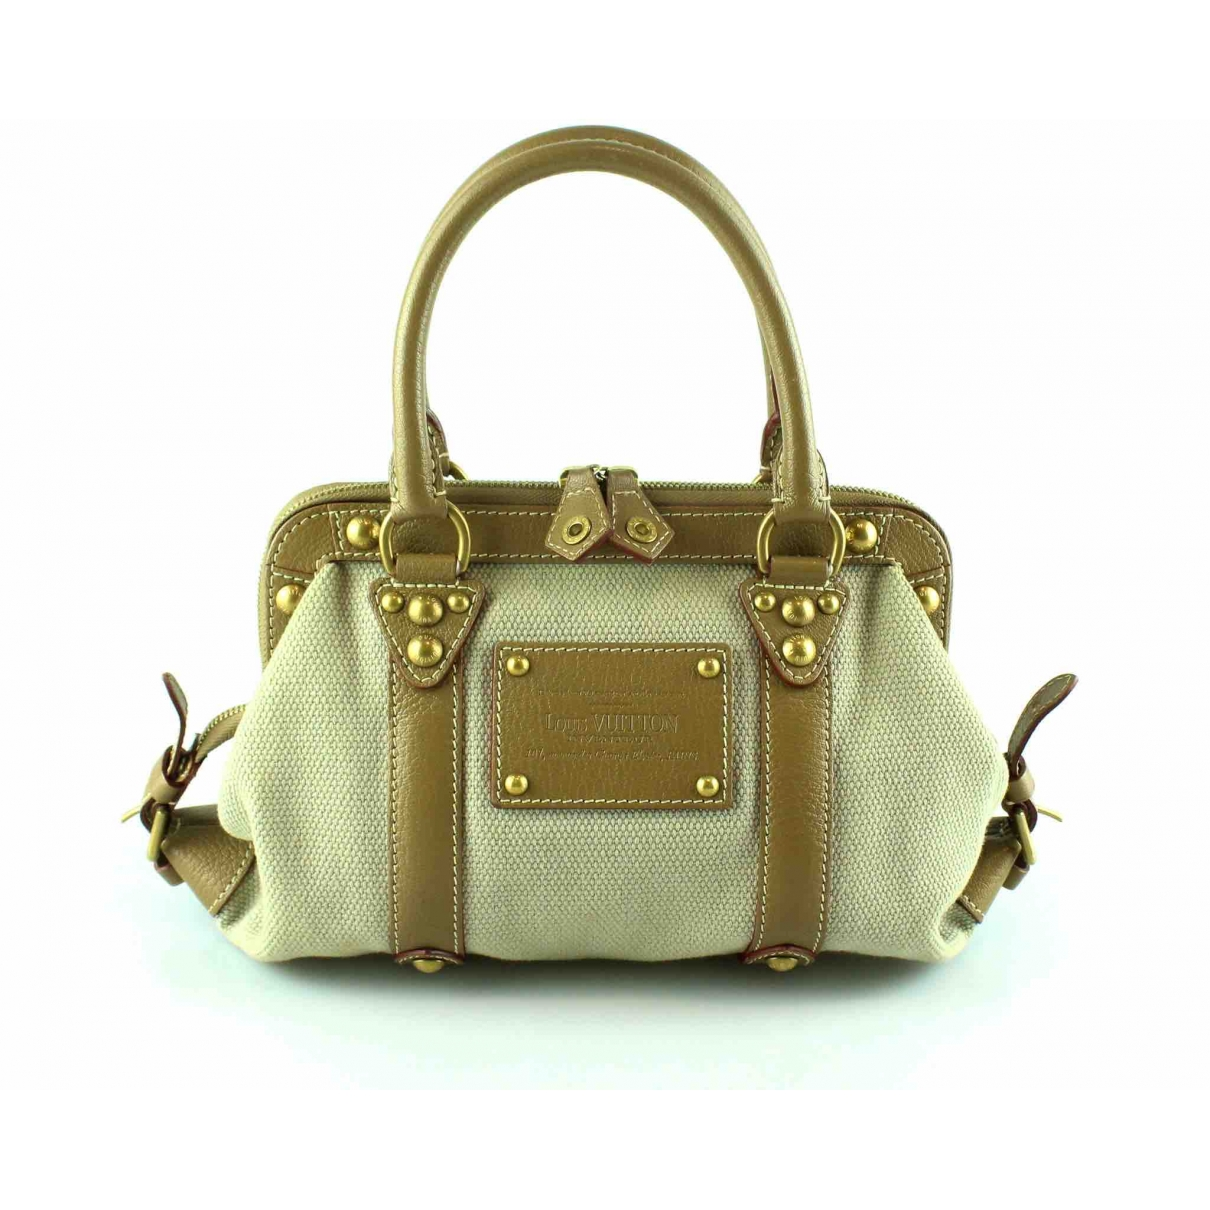 Louis Vuitton \N Beige Cloth handbag for Women \N